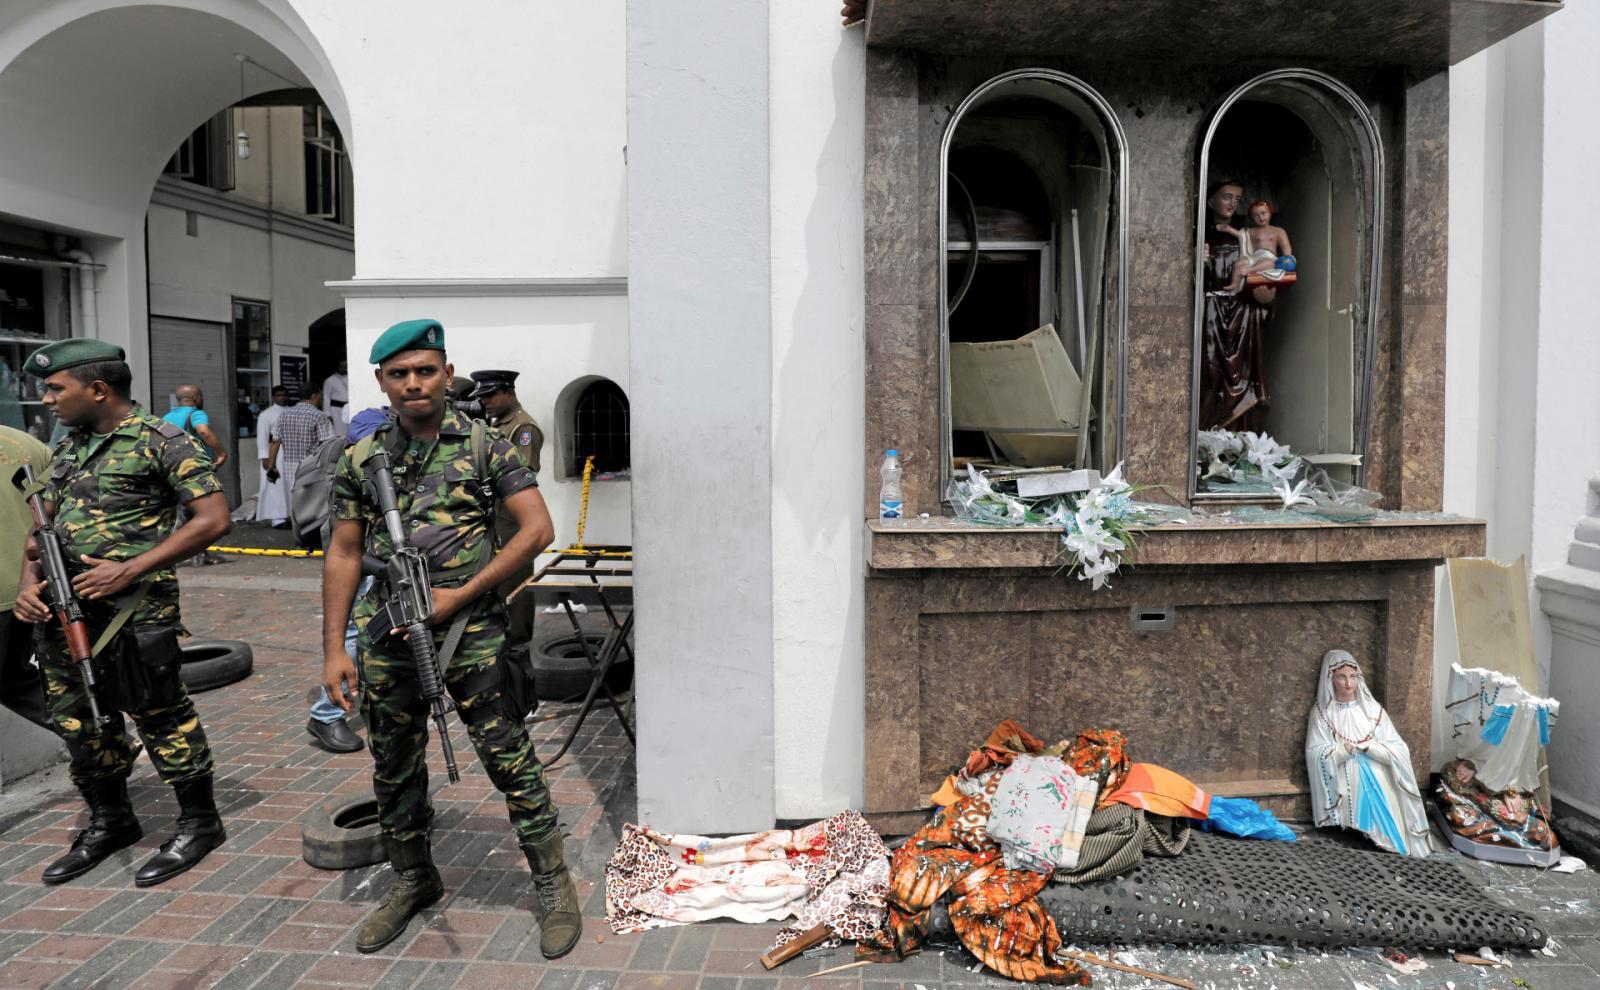 Полиция Шри-Ланки задержала 40 человек по подозрению в организации терактов